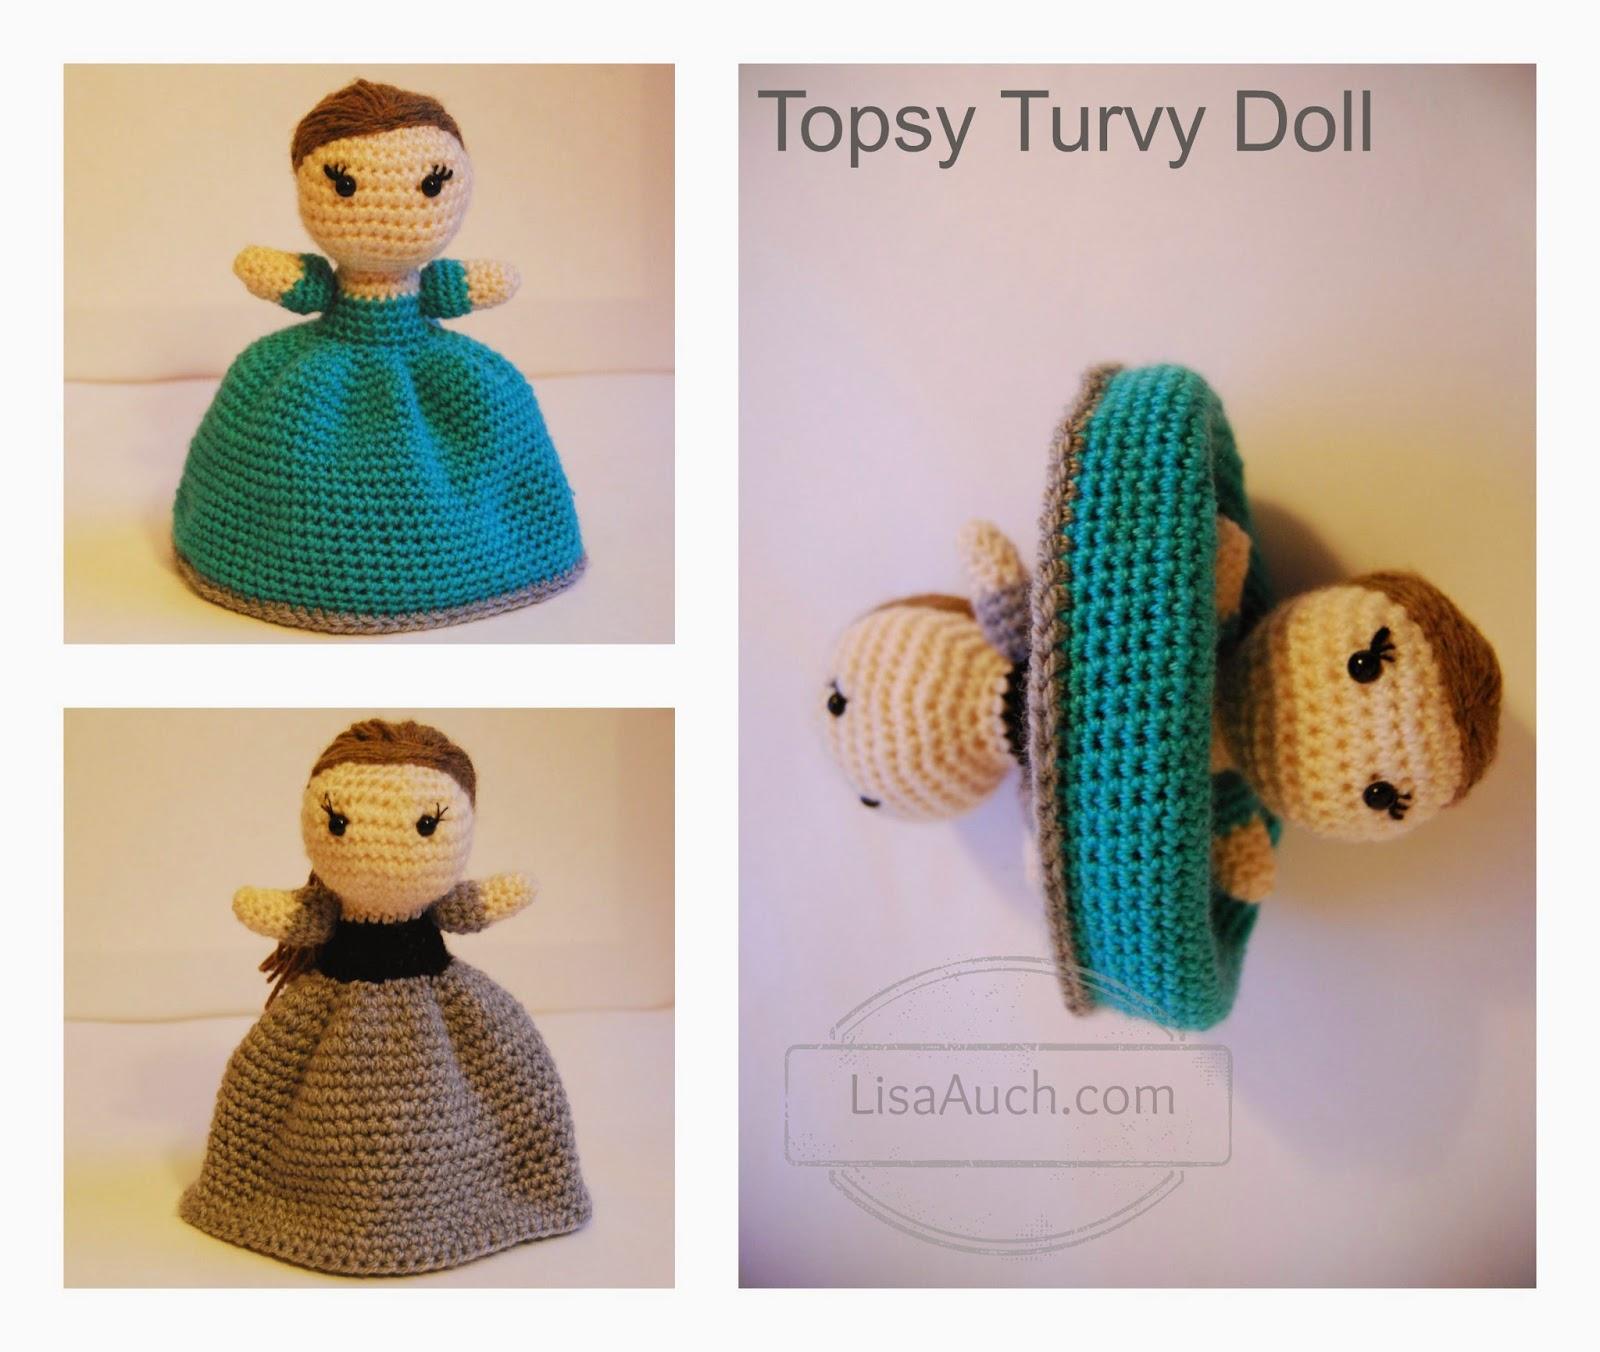 free crochet doll pattern, free crochet doll patterns, free pattern for doll crochet, free crochet patterns